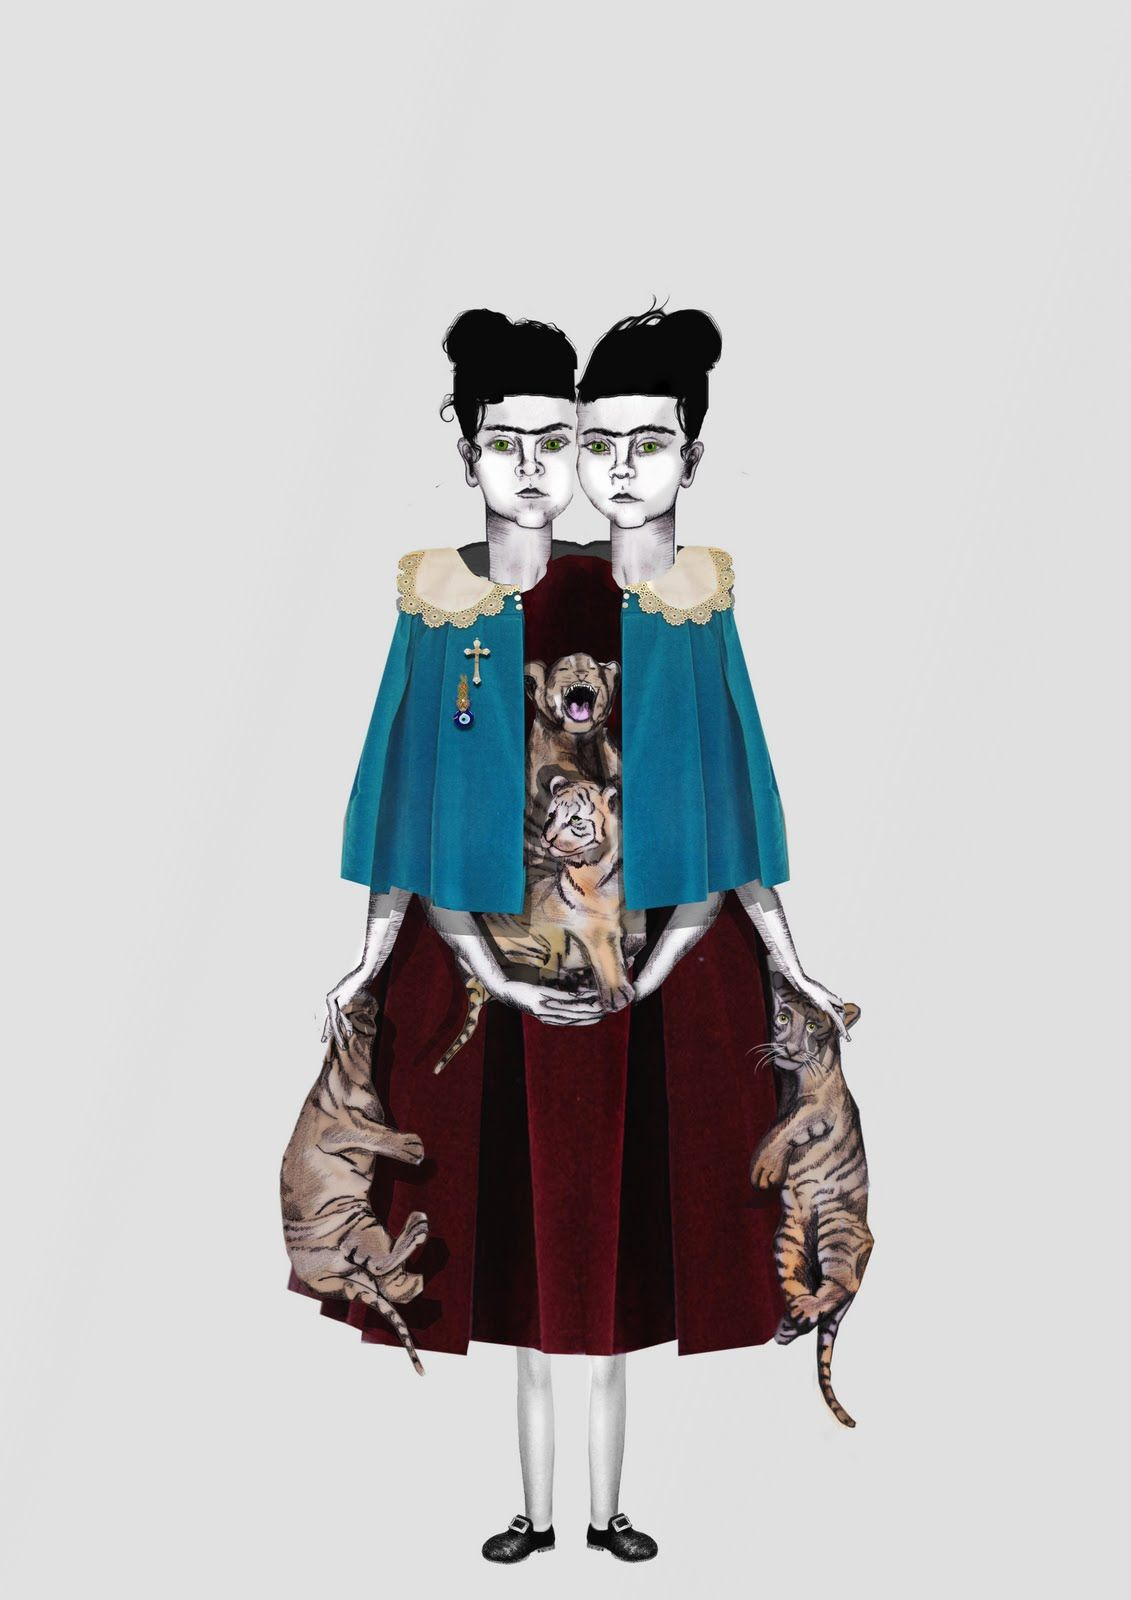 Catholic Girls | Petros Varnava / Graphic Design + Illustration. http://petrosvarnava.blogspot.com/